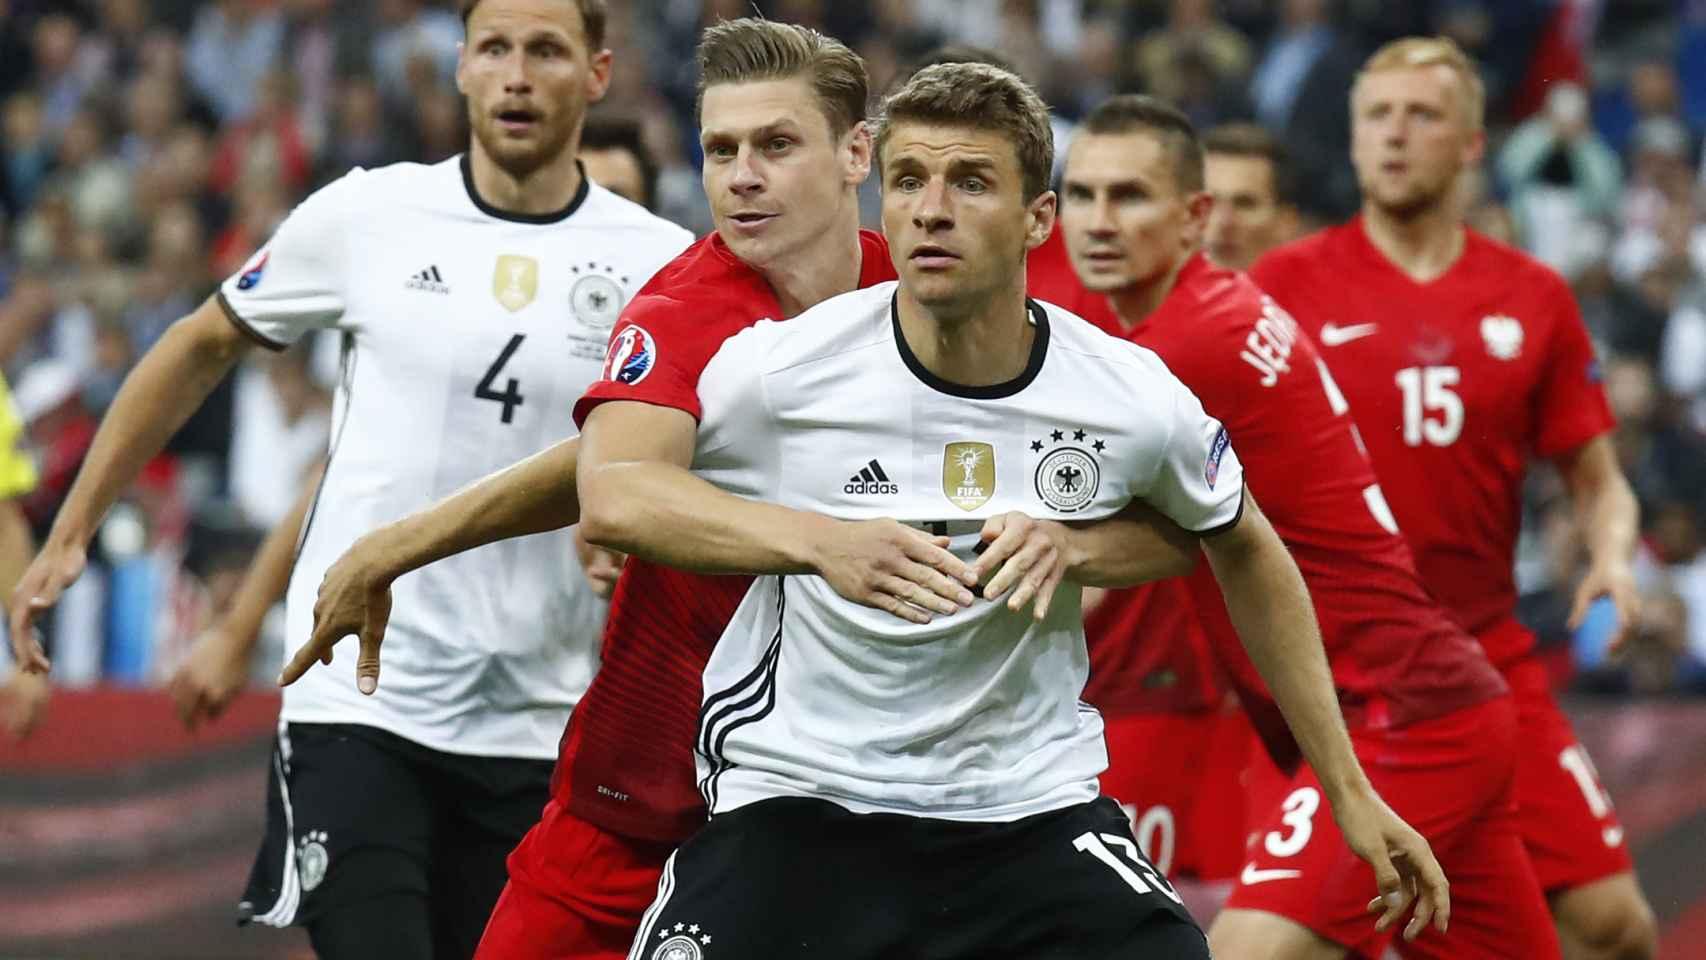 Alemania y Polonia empataron en Saint-Denis.